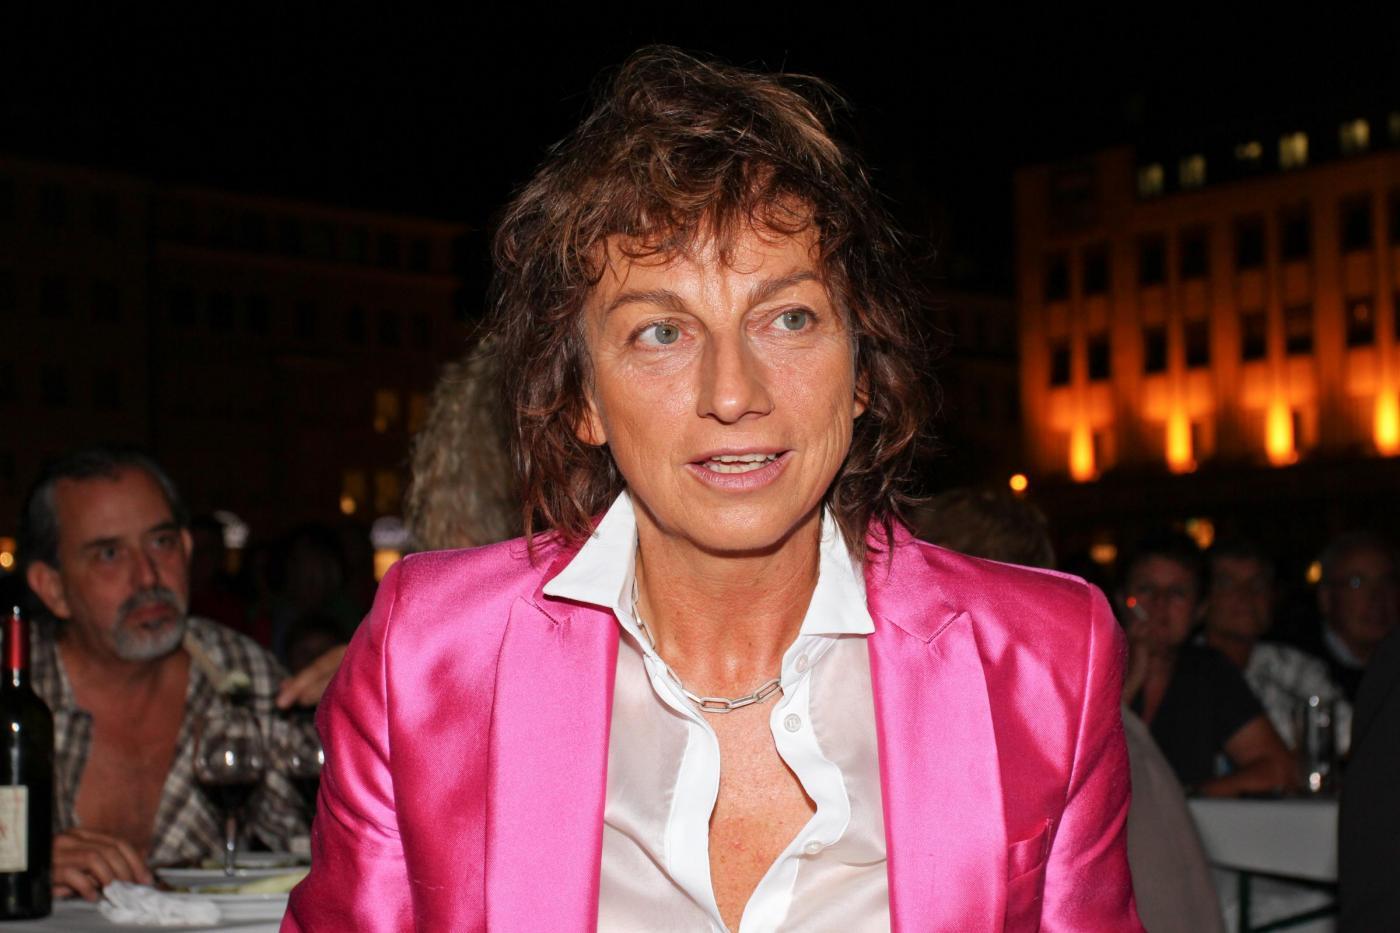 Evasione fiscale per Gianna Nannini: sequestrata la villa a Siena